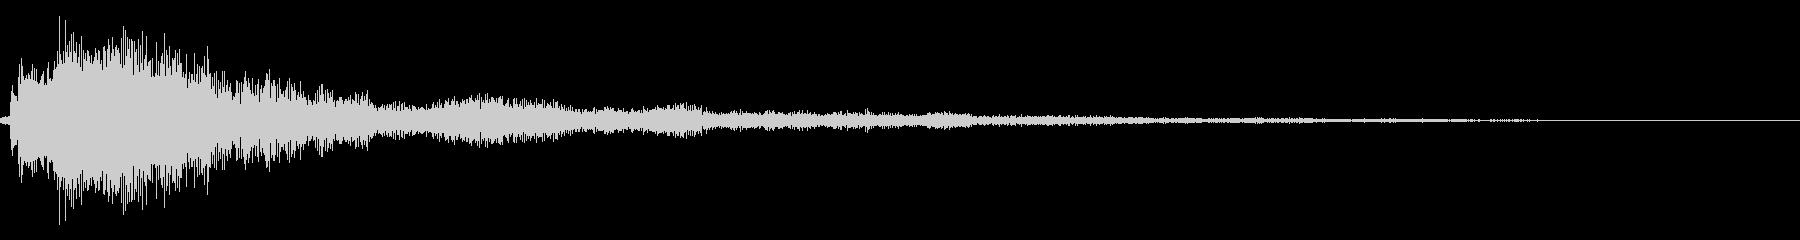 シンプルな決定/ボタン/クリック音34bの未再生の波形